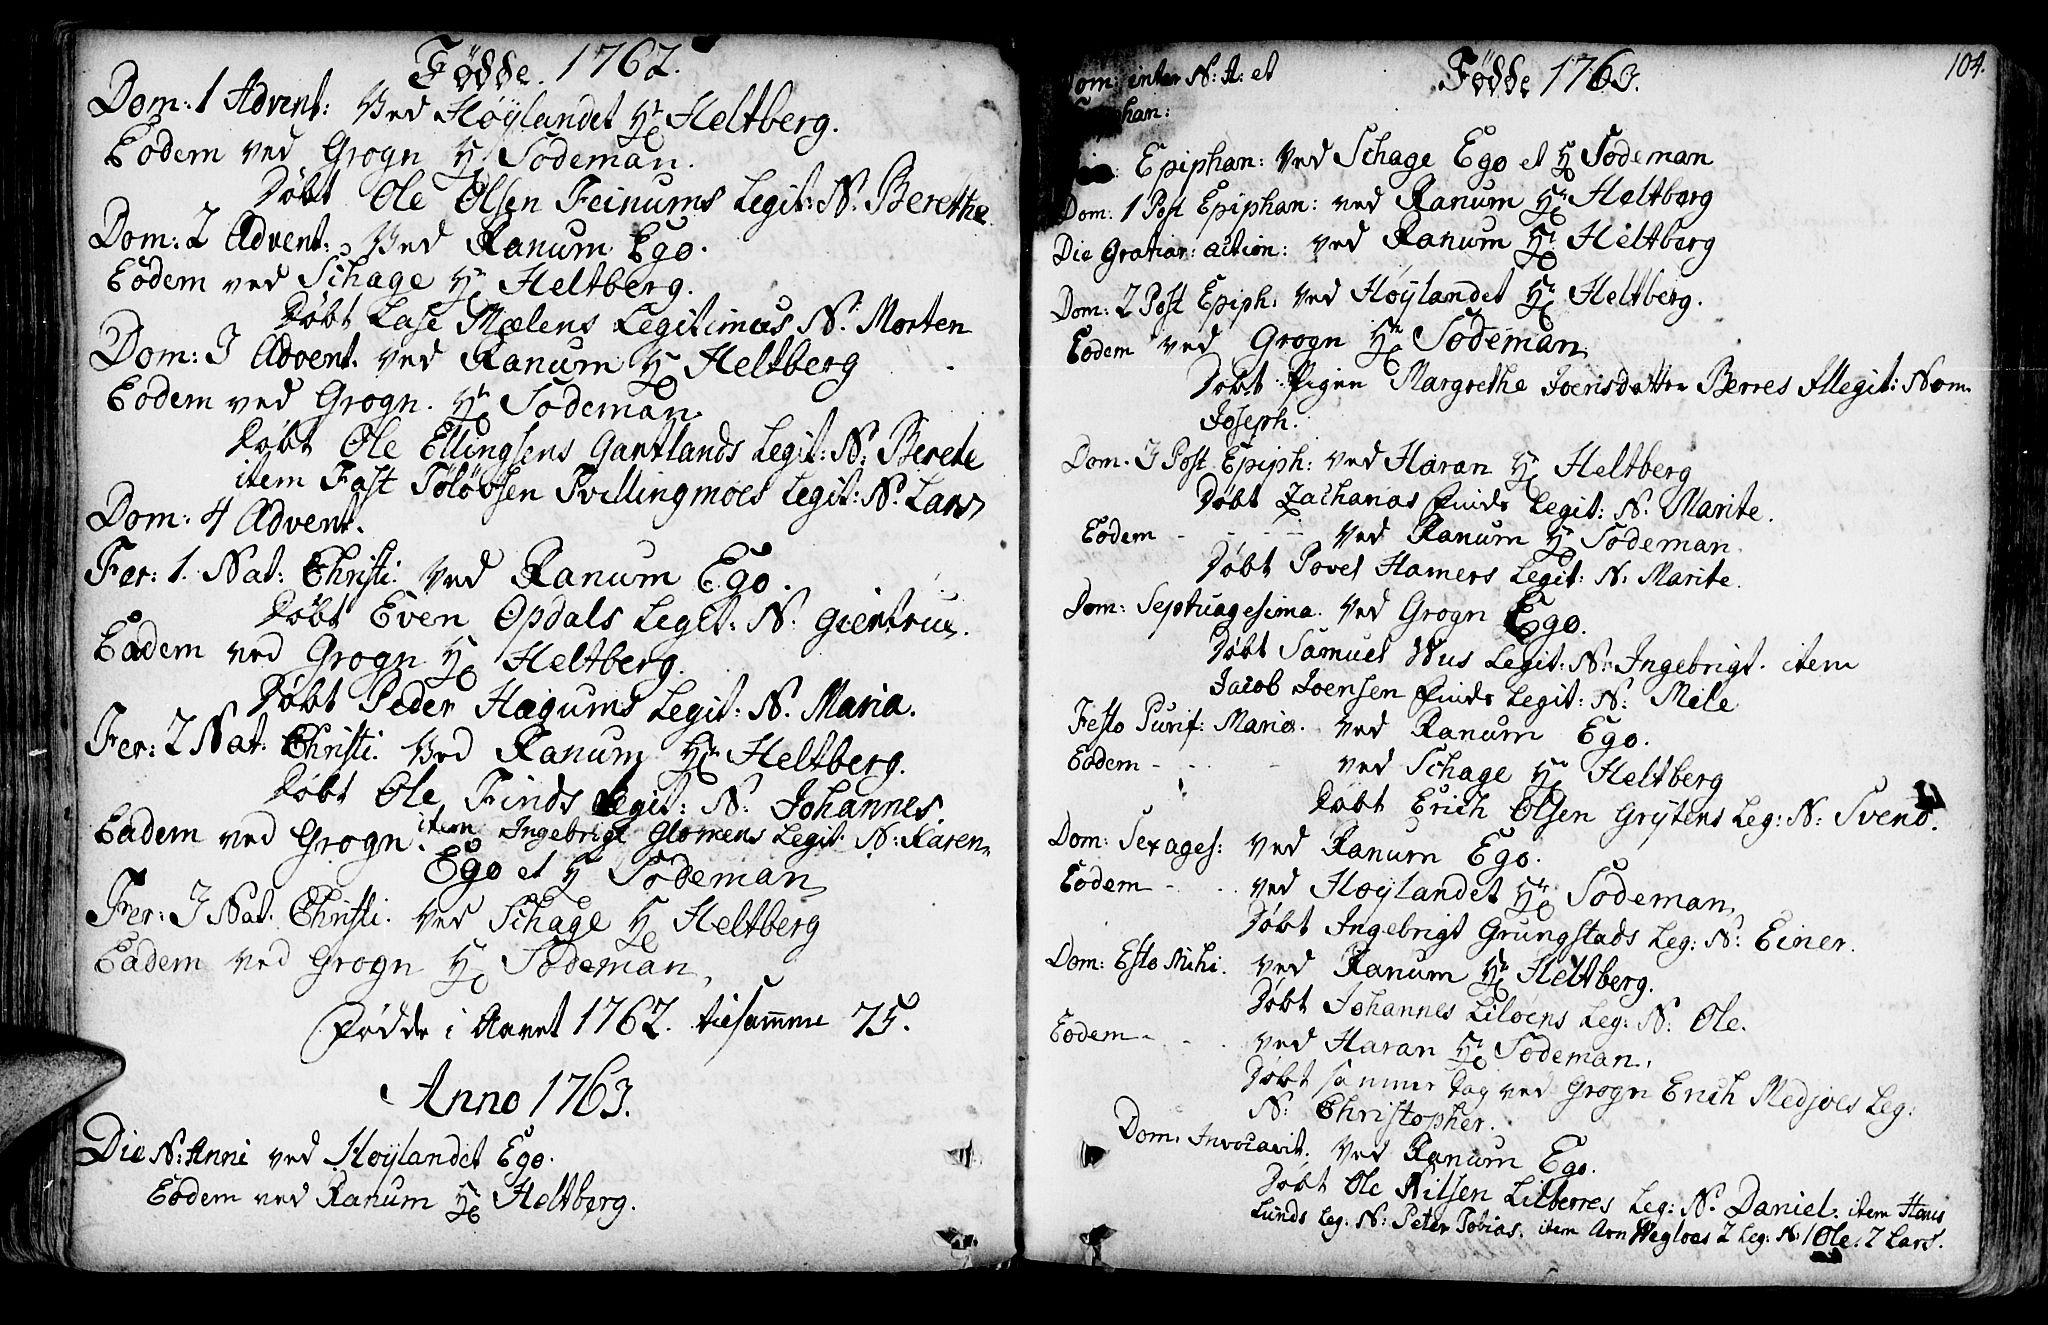 SAT, Ministerialprotokoller, klokkerbøker og fødselsregistre - Nord-Trøndelag, 764/L0542: Ministerialbok nr. 764A02, 1748-1779, s. 104